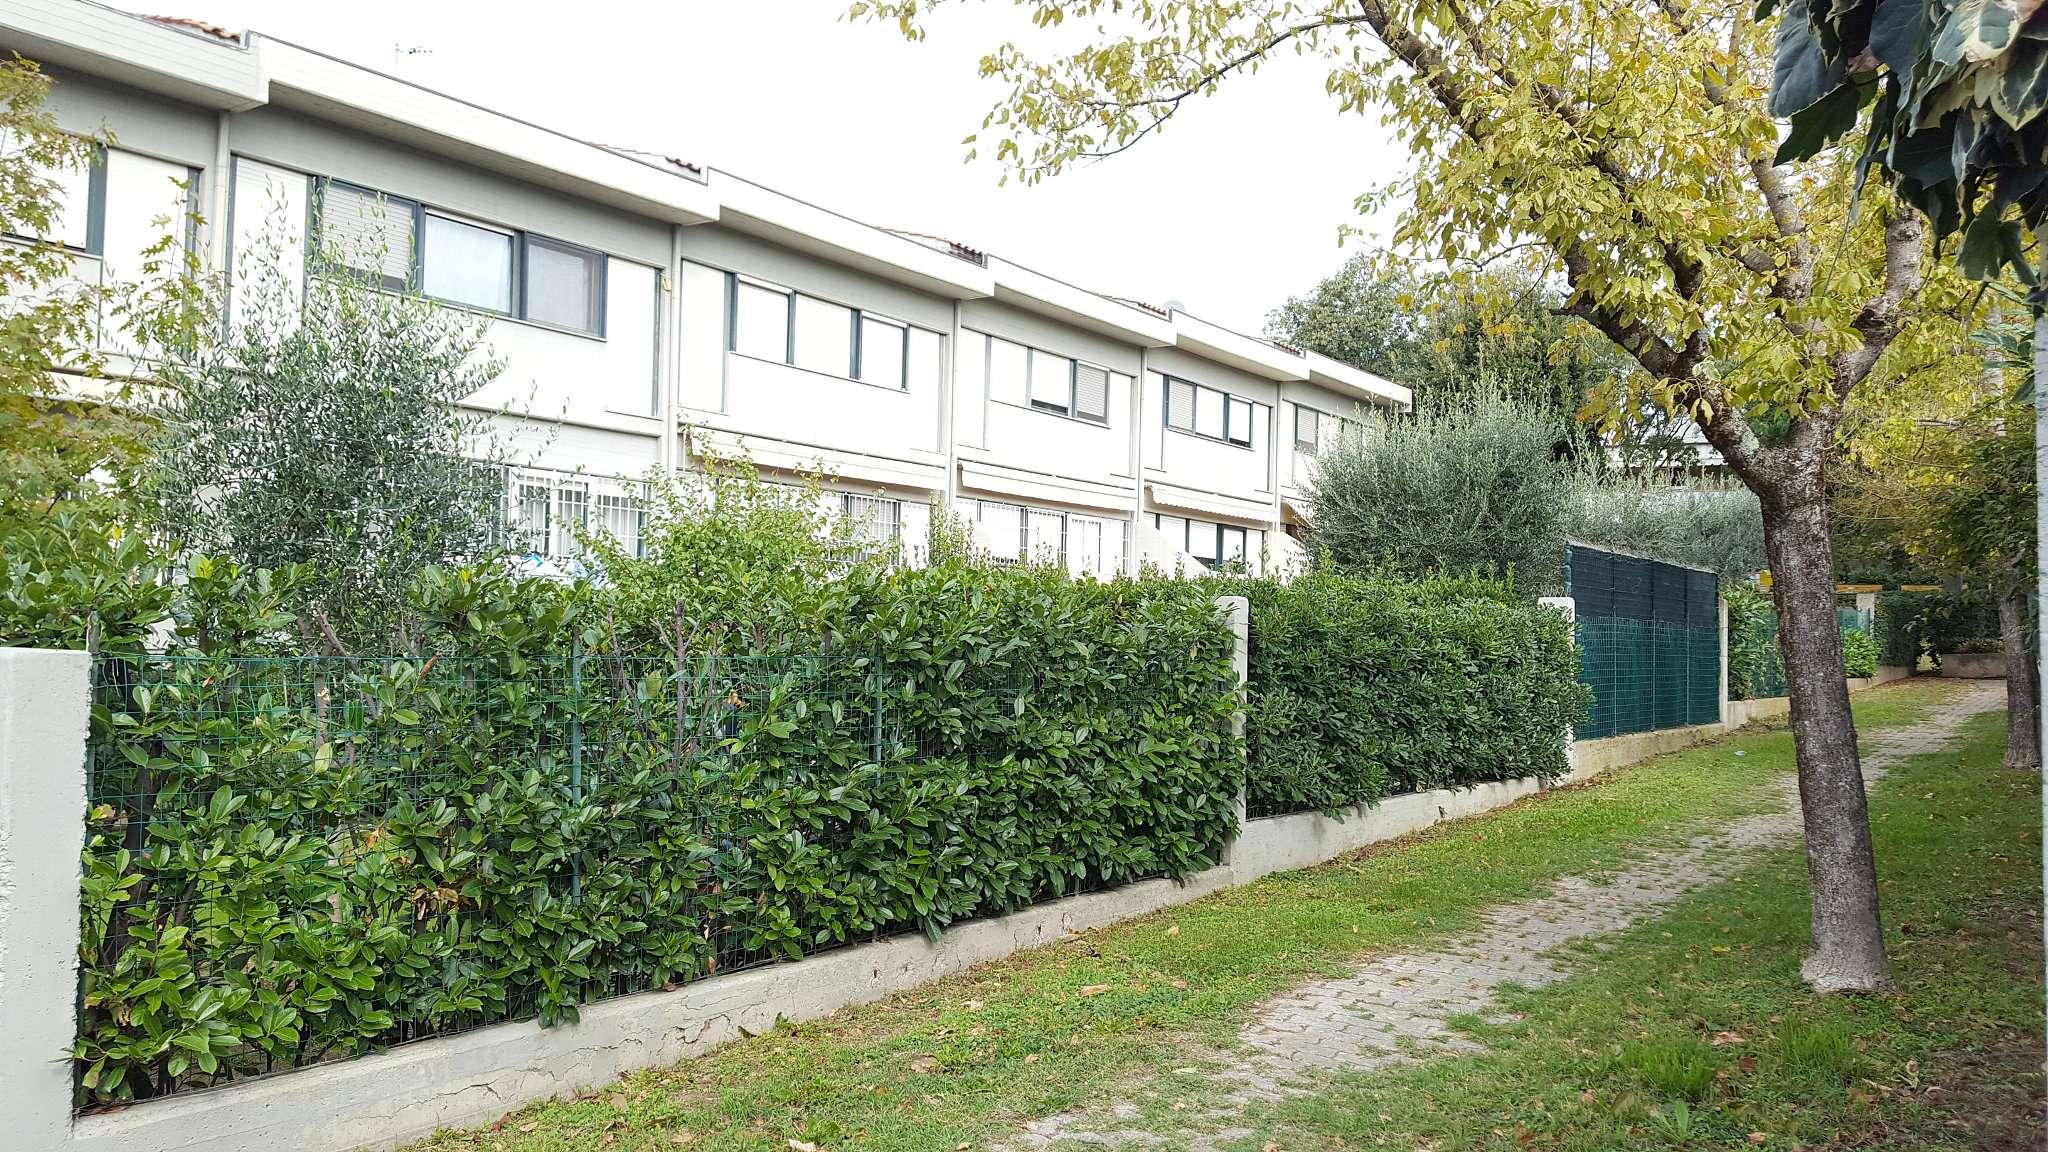 Soluzione Indipendente in vendita a Sesto Fiorentino, 5 locali, prezzo € 495.000 | CambioCasa.it